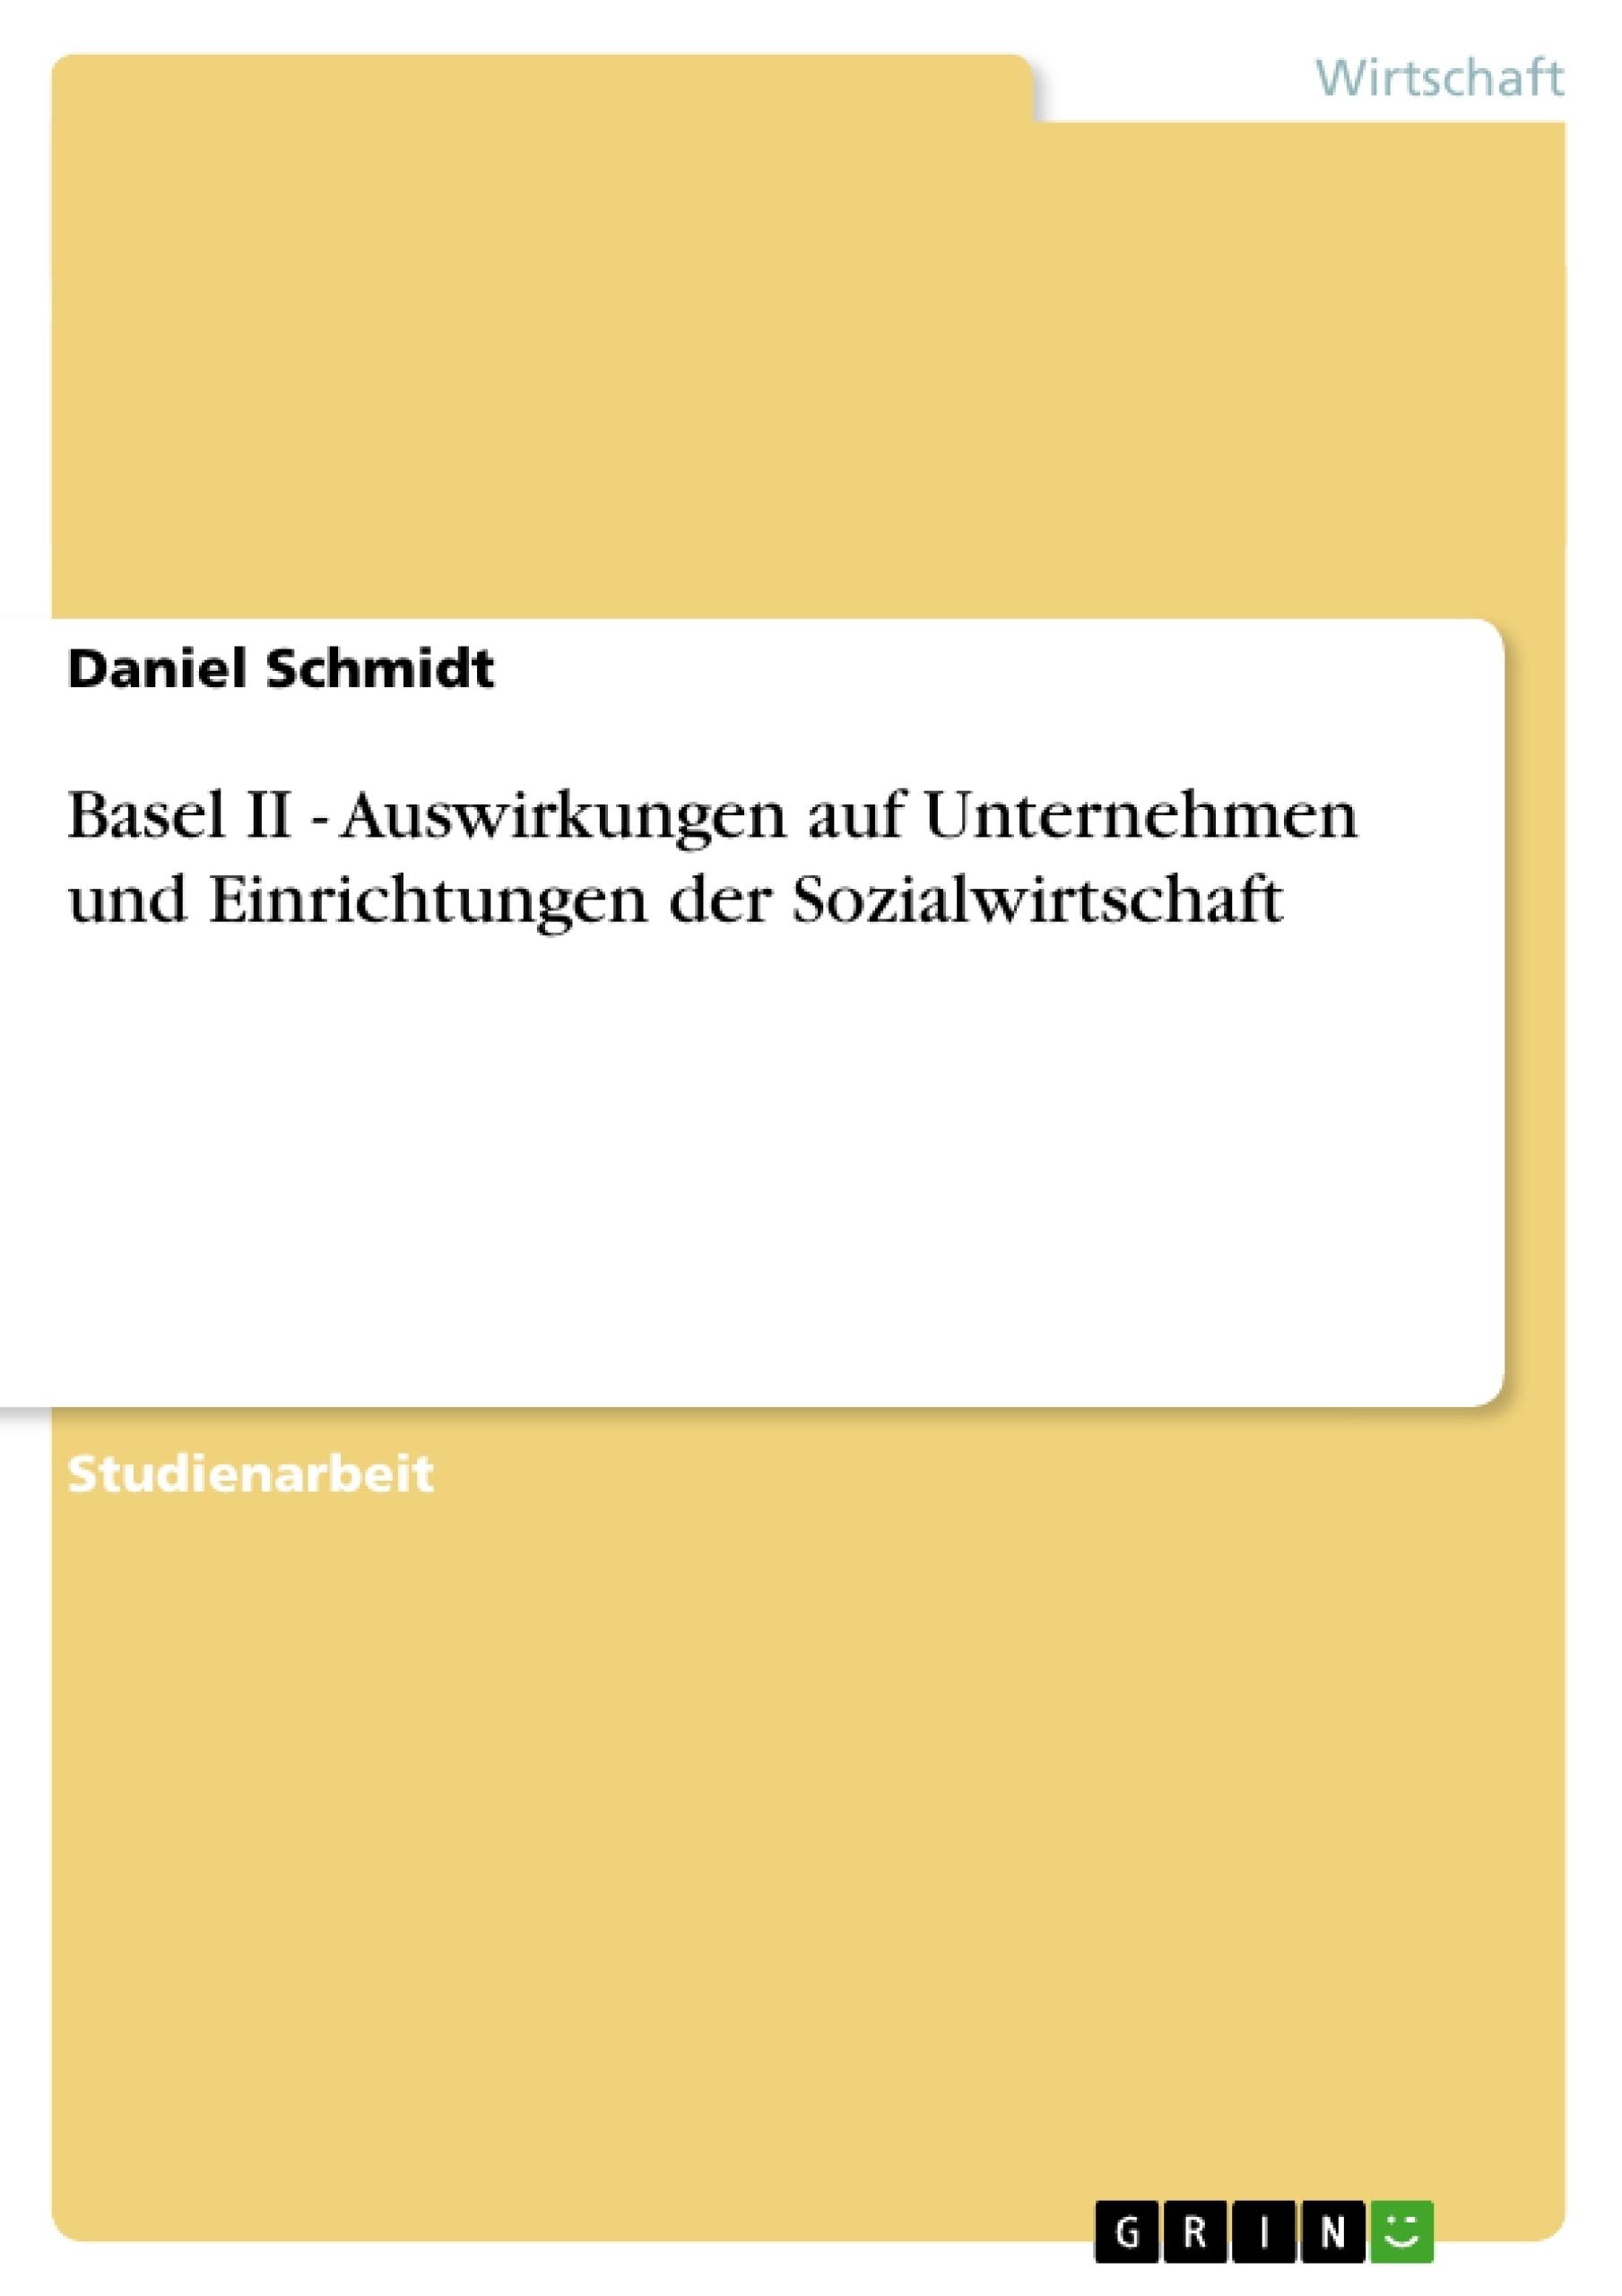 Titel: Basel II - Auswirkungen auf Unternehmen und Einrichtungen der Sozialwirtschaft